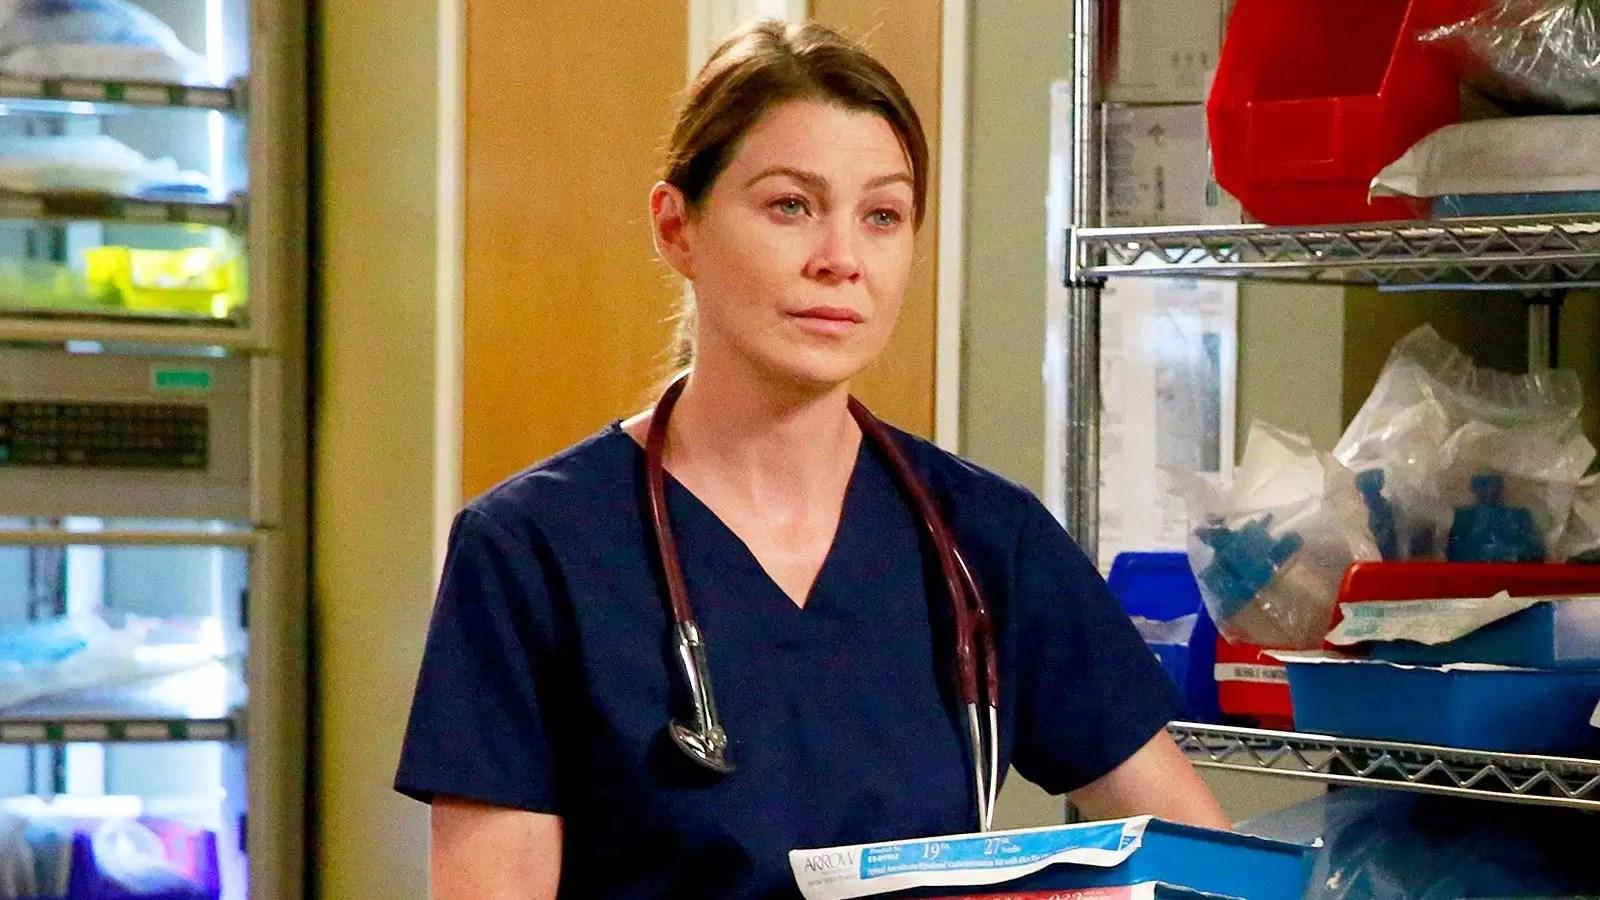 15 Temporada De Grey's Anatomy Assistir mudanças: grey's anatomy será removida da netflix em